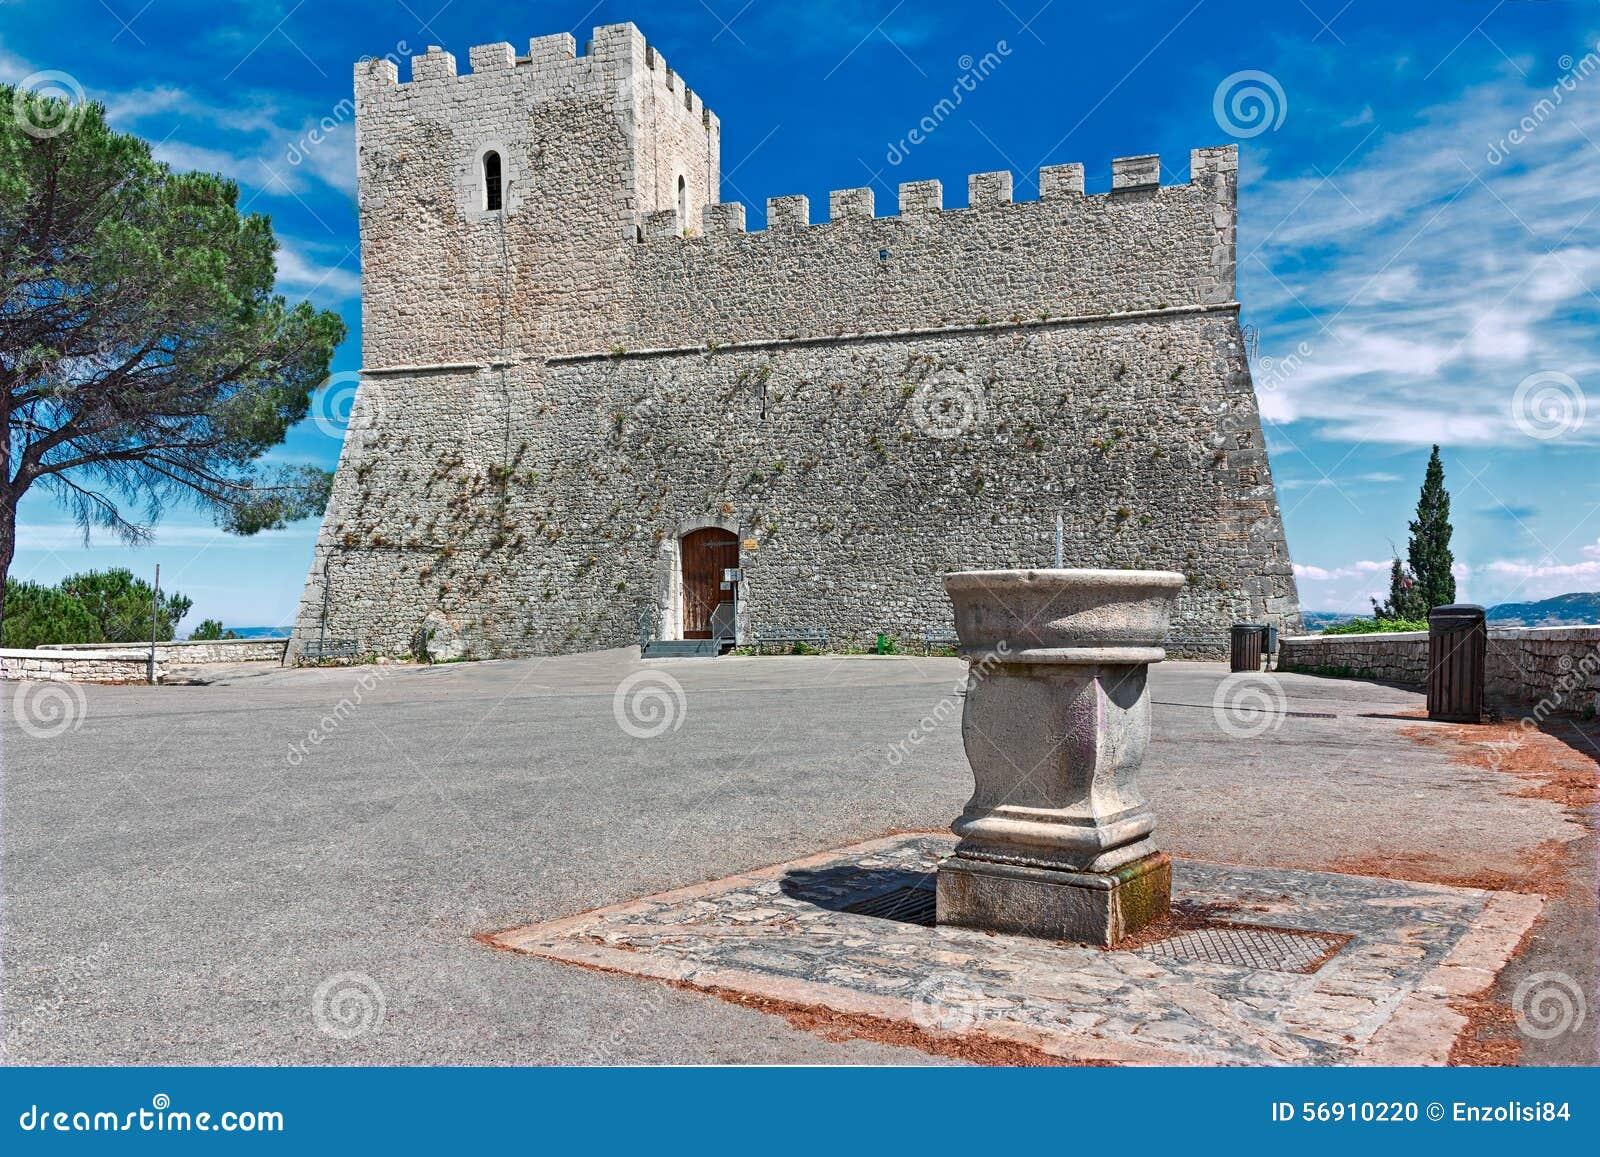 Castle Monforte στο Καμπομπάσσο